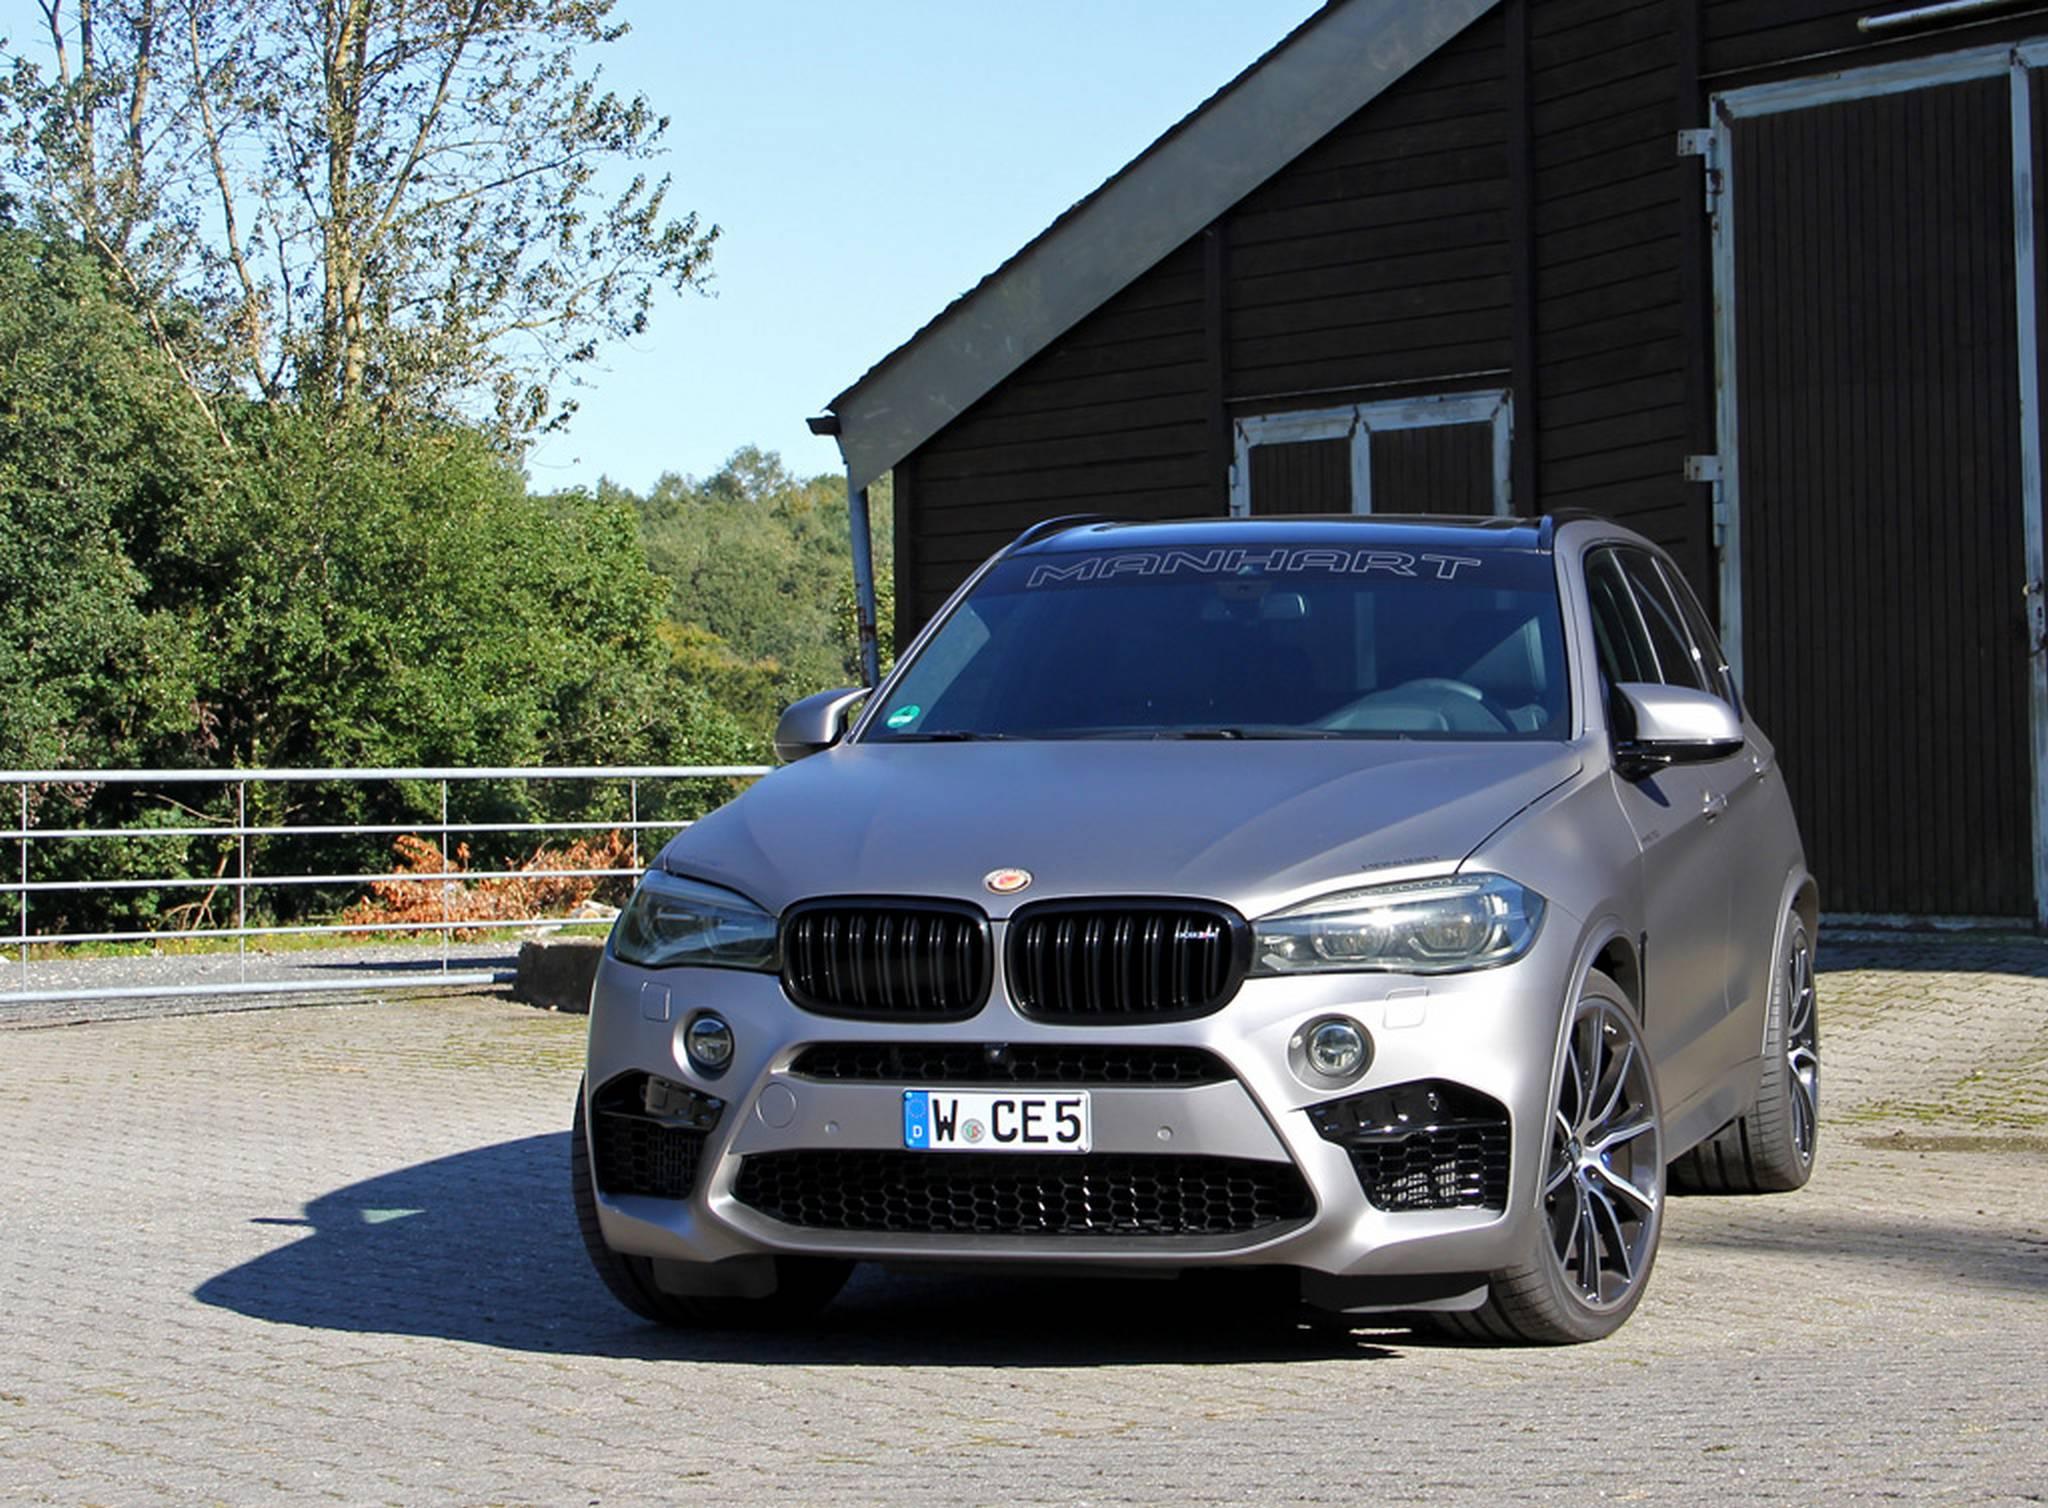 700hp BMW X5 M by Manhart